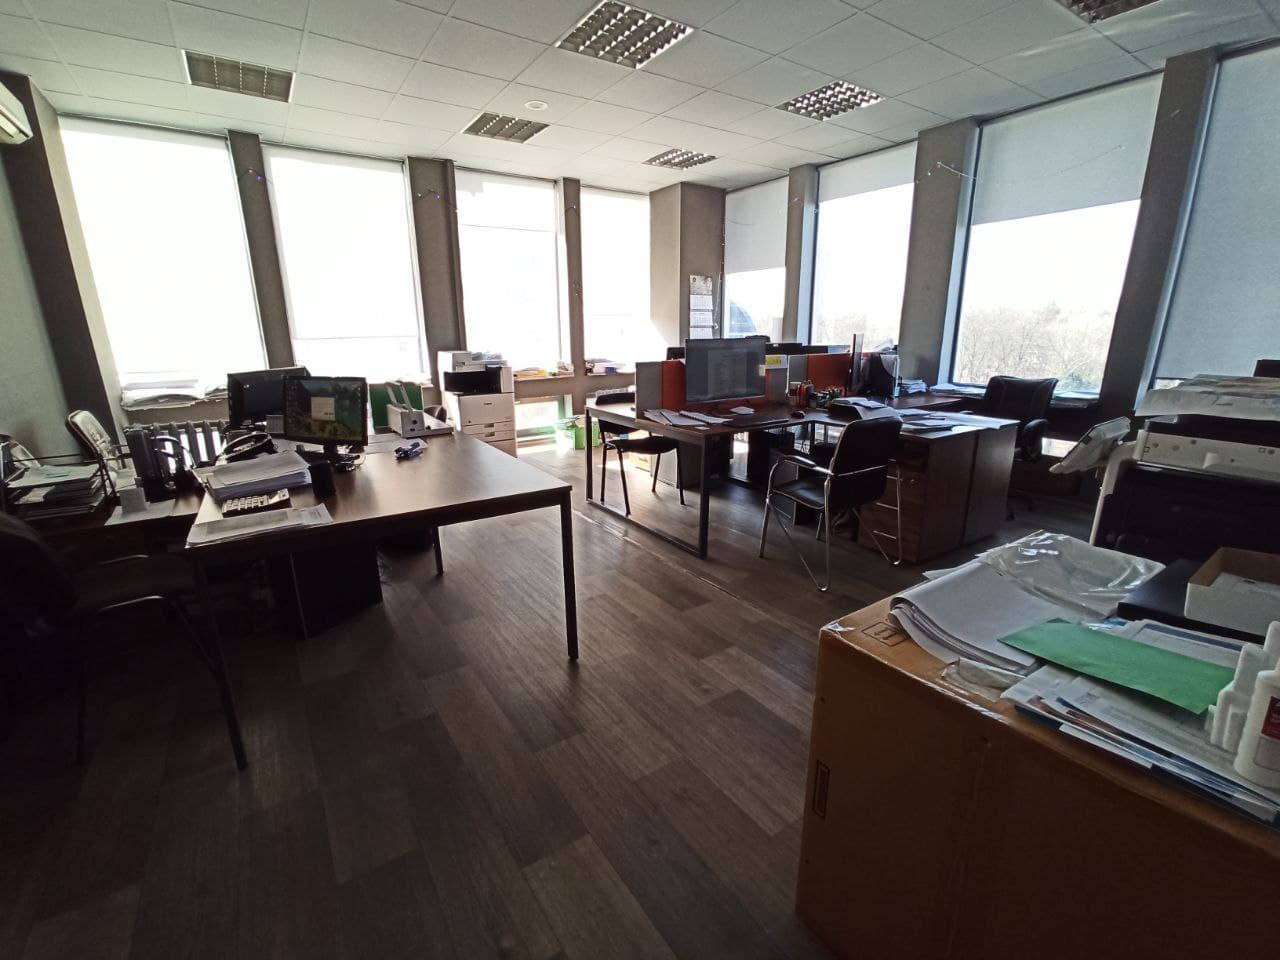 Офис, W-6223933, Липкивского Василия (Урицкого), 45, Киев - Фото 4